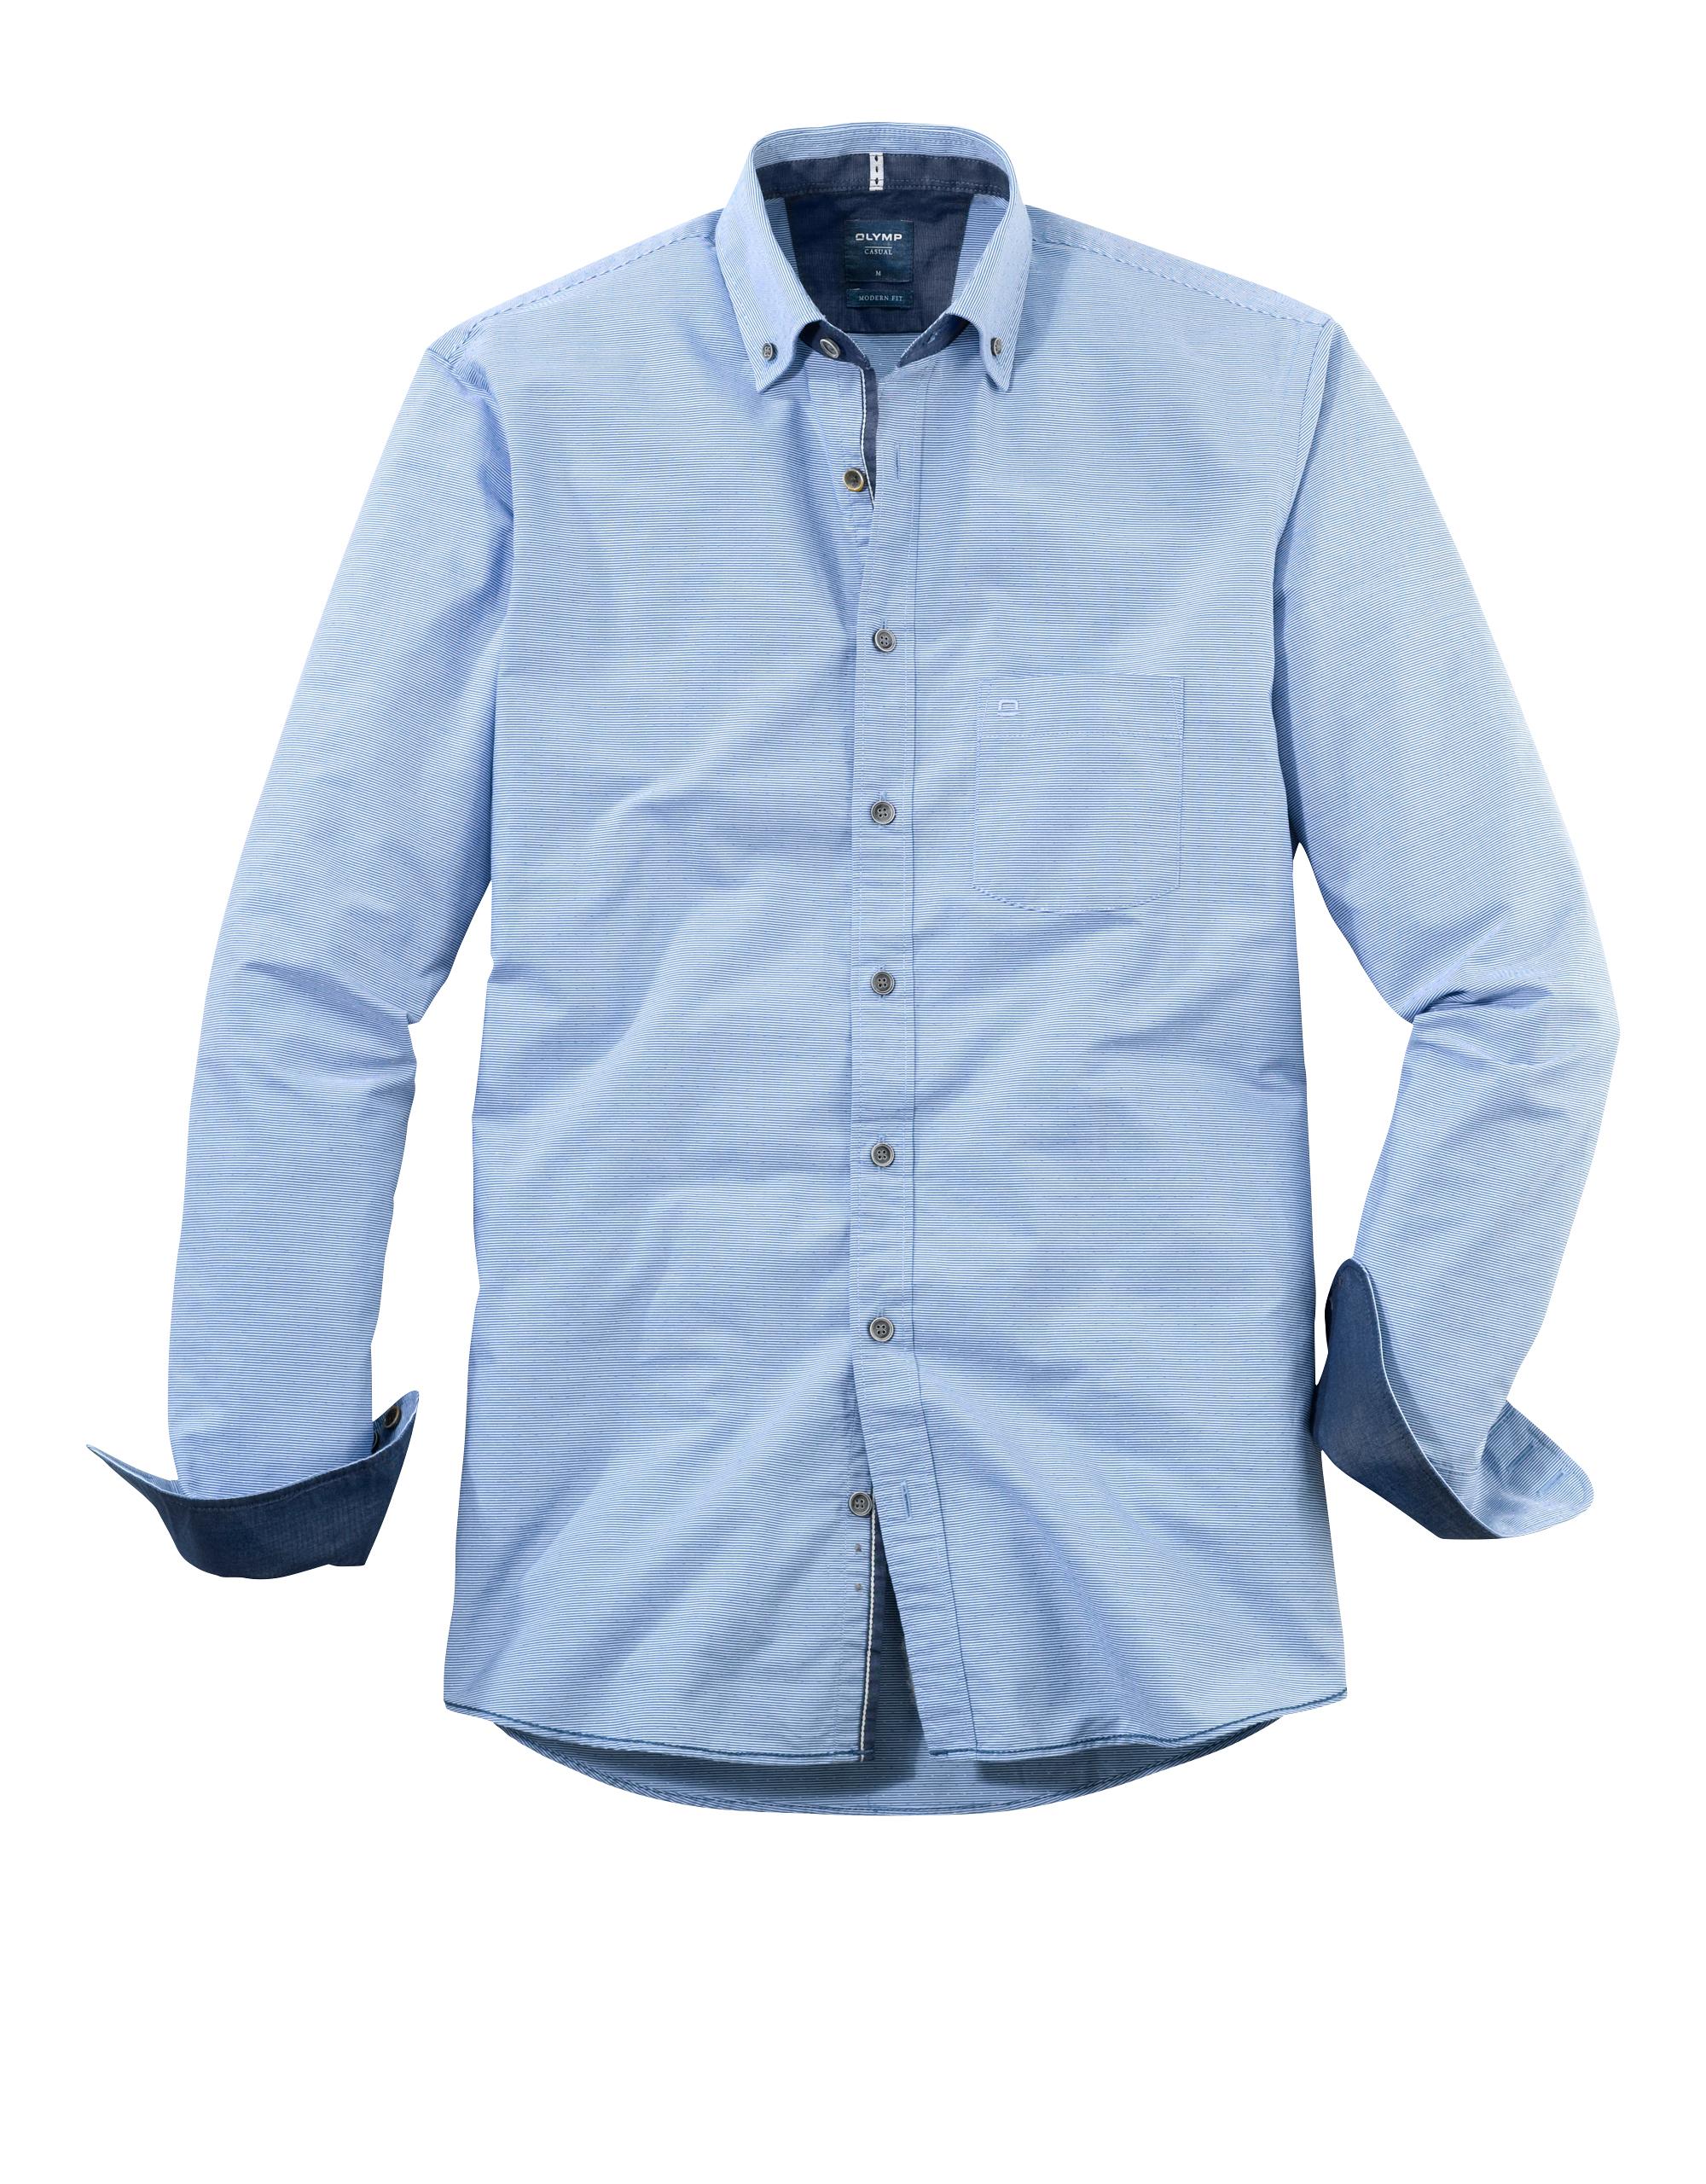 OLYMP Casual Hemd, modern fit, Button-down, Marine, L   Bekleidung > Hemden > Sonstige Hemden   Baumwolle   OLYMP